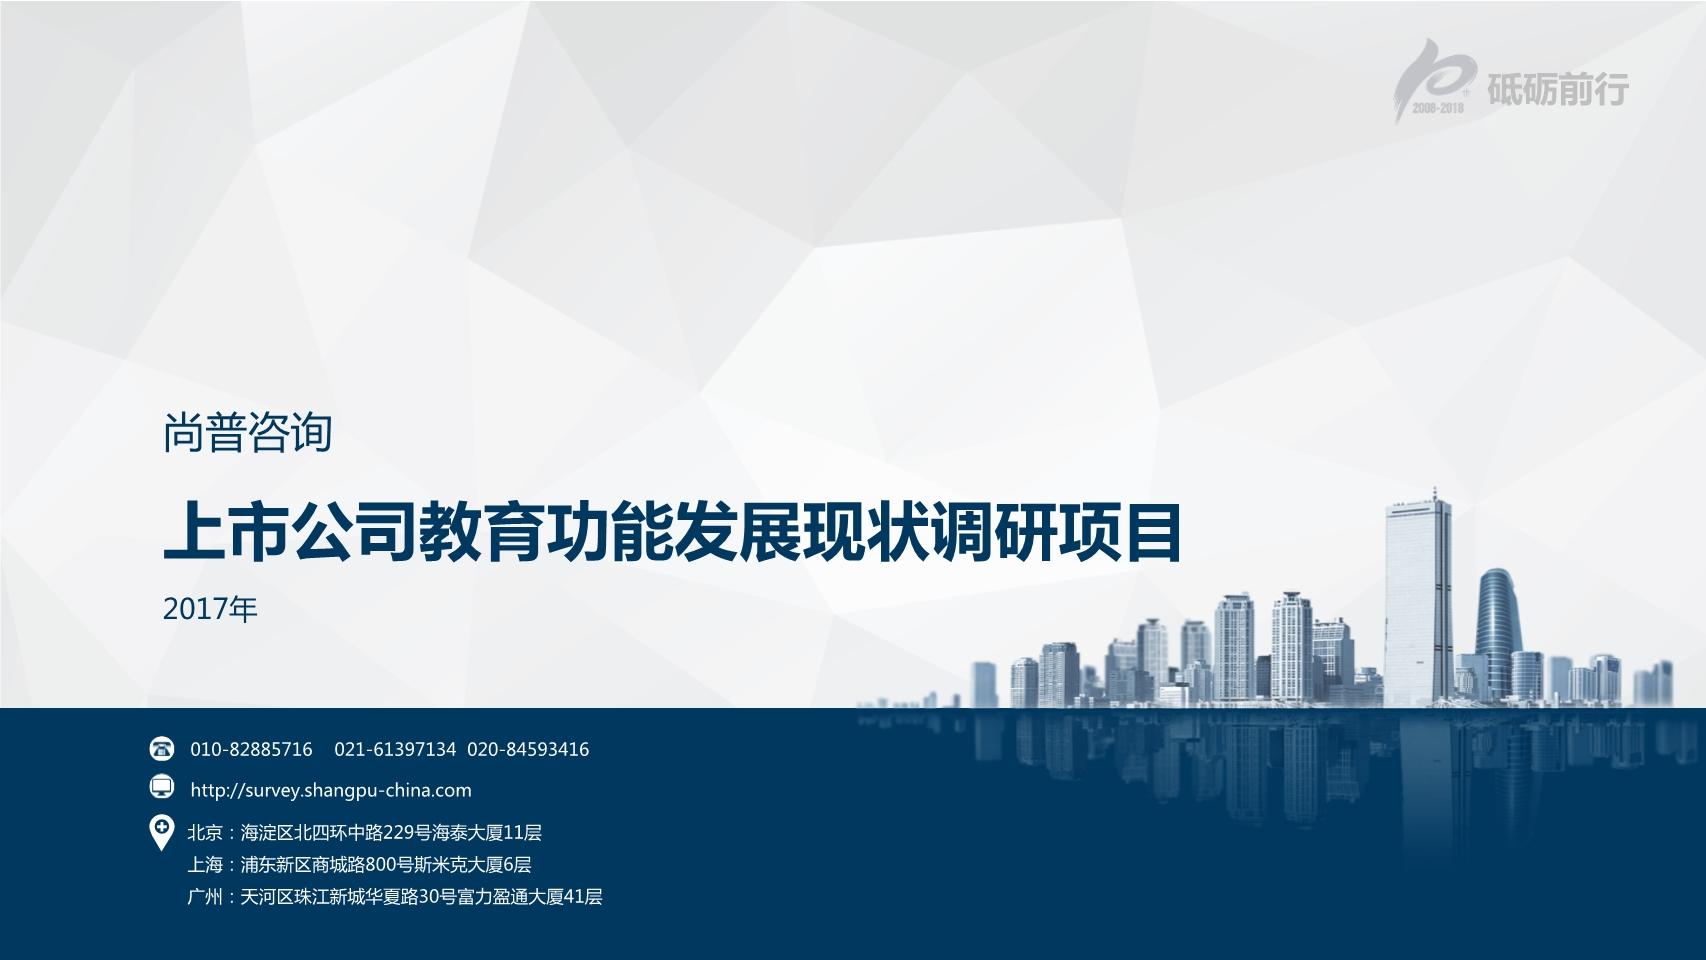 尚普咨询-海淀区上市公司教育功能发展现状调研项目